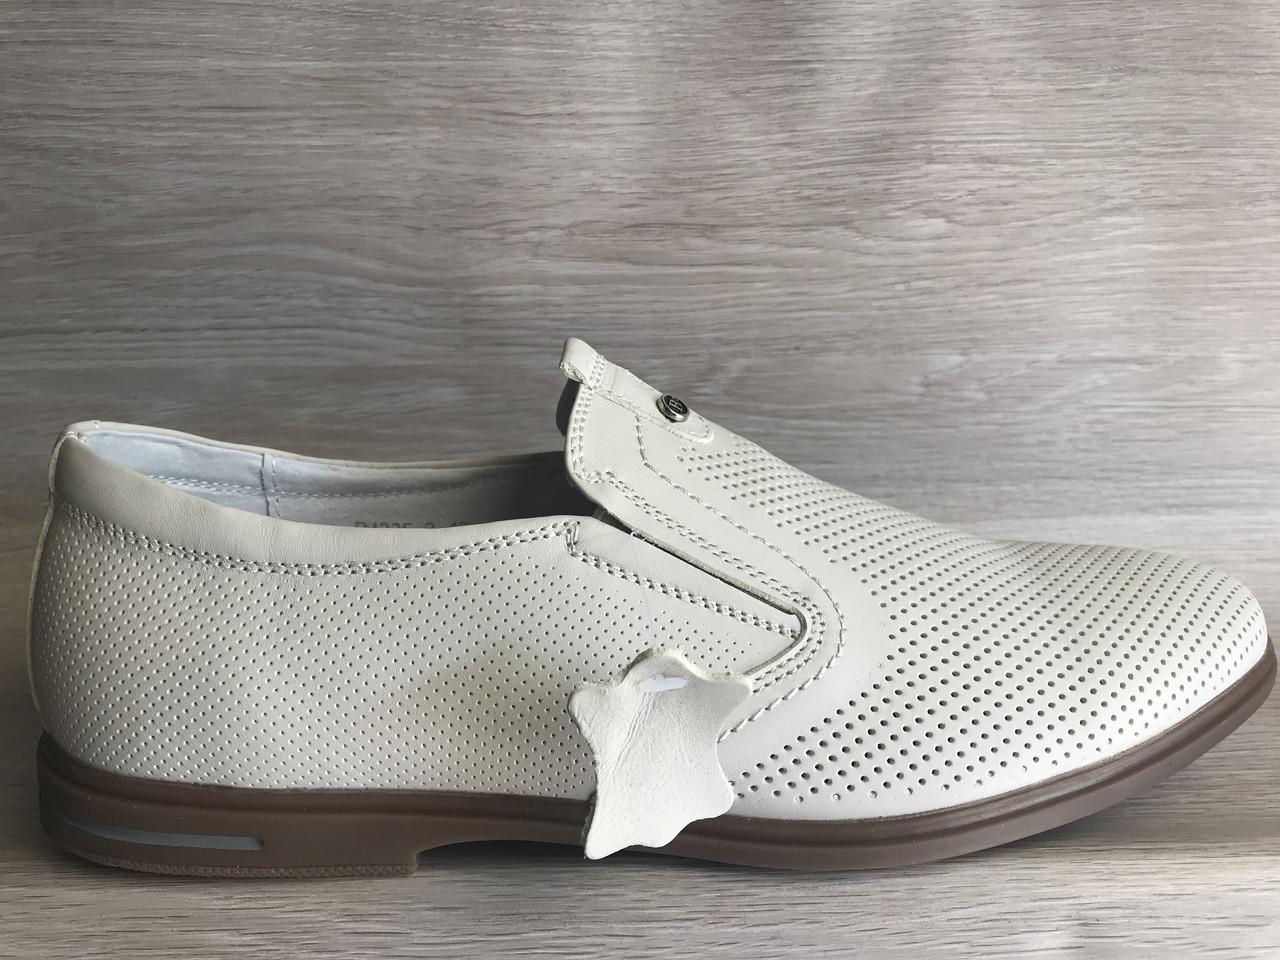 18de888b1 Мужские кожаные летние туфли, перфорация 40: продажа, цена в Днепре ...